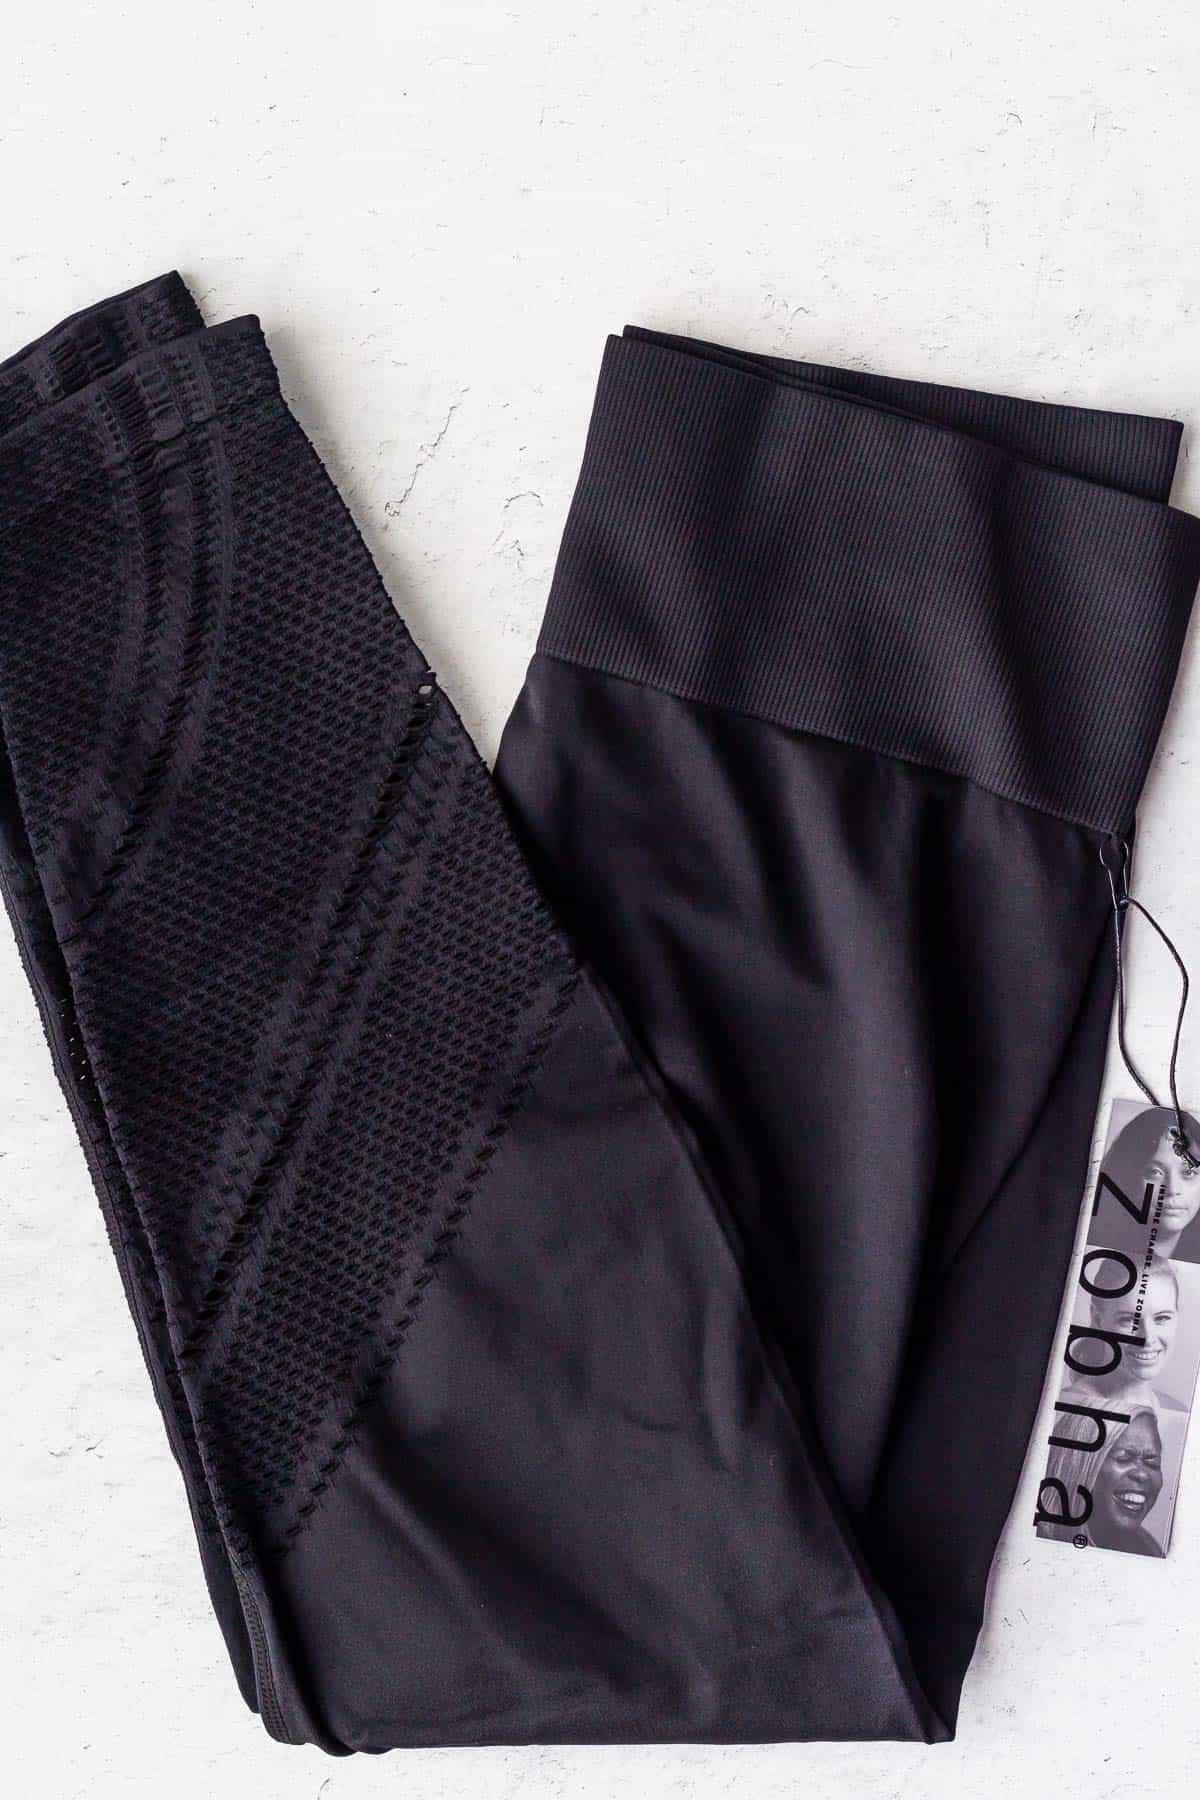 Black leggings folded on a white background